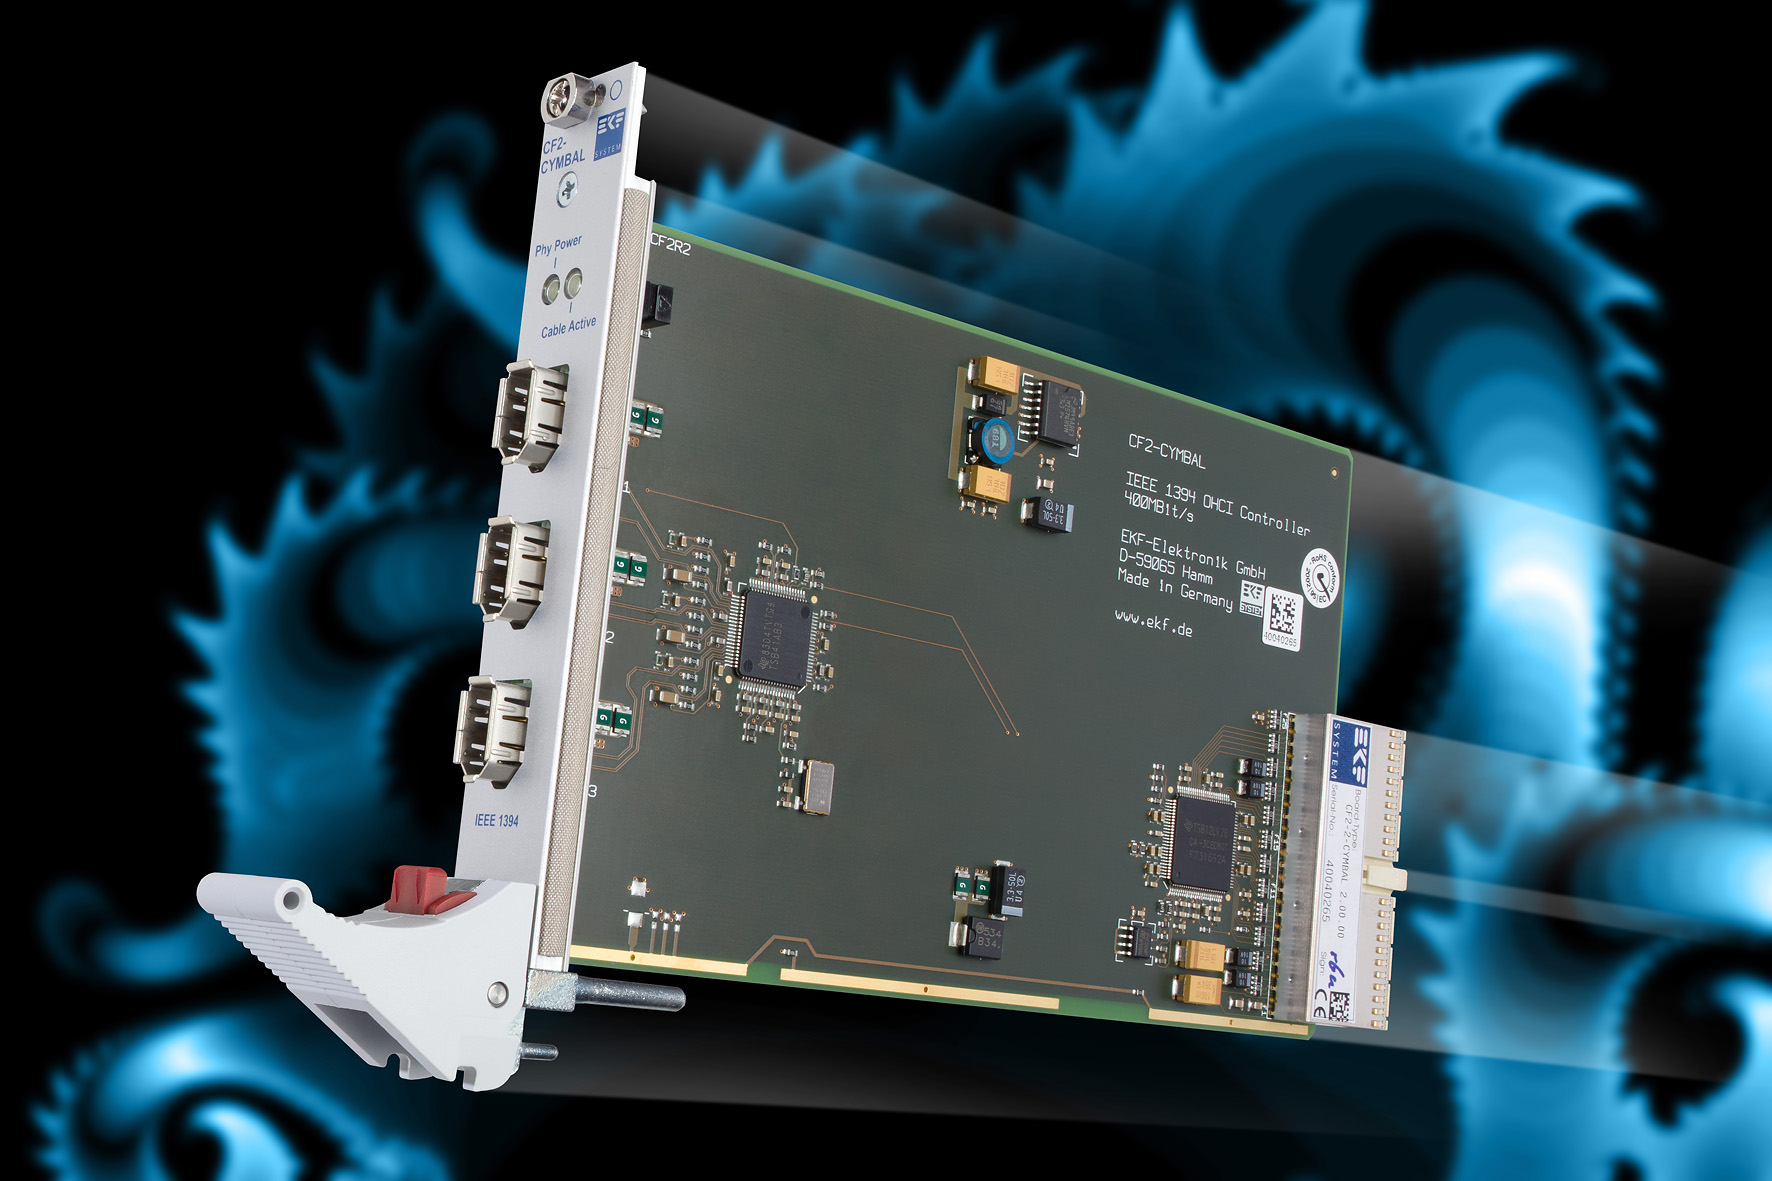 texas instruments ohci-совместимый ieee 1394 хост-контроллер: